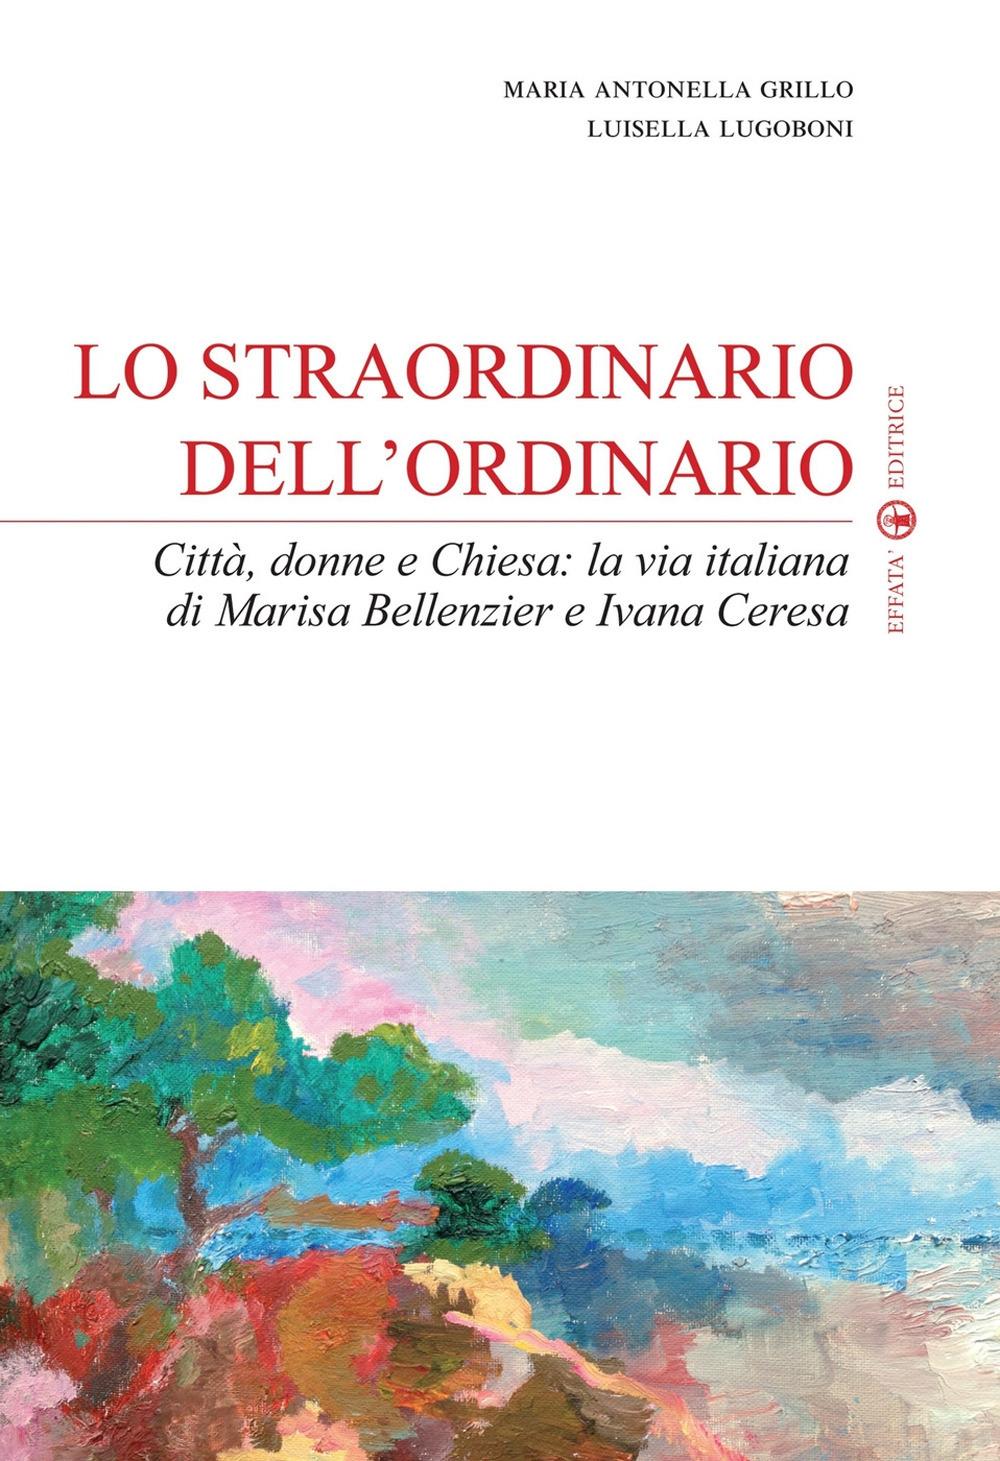 Lo straordinario dell'ordinario. Città, donne e Chiesa. La via italiana di Marisa Bellenzier e Ivana Ceresa